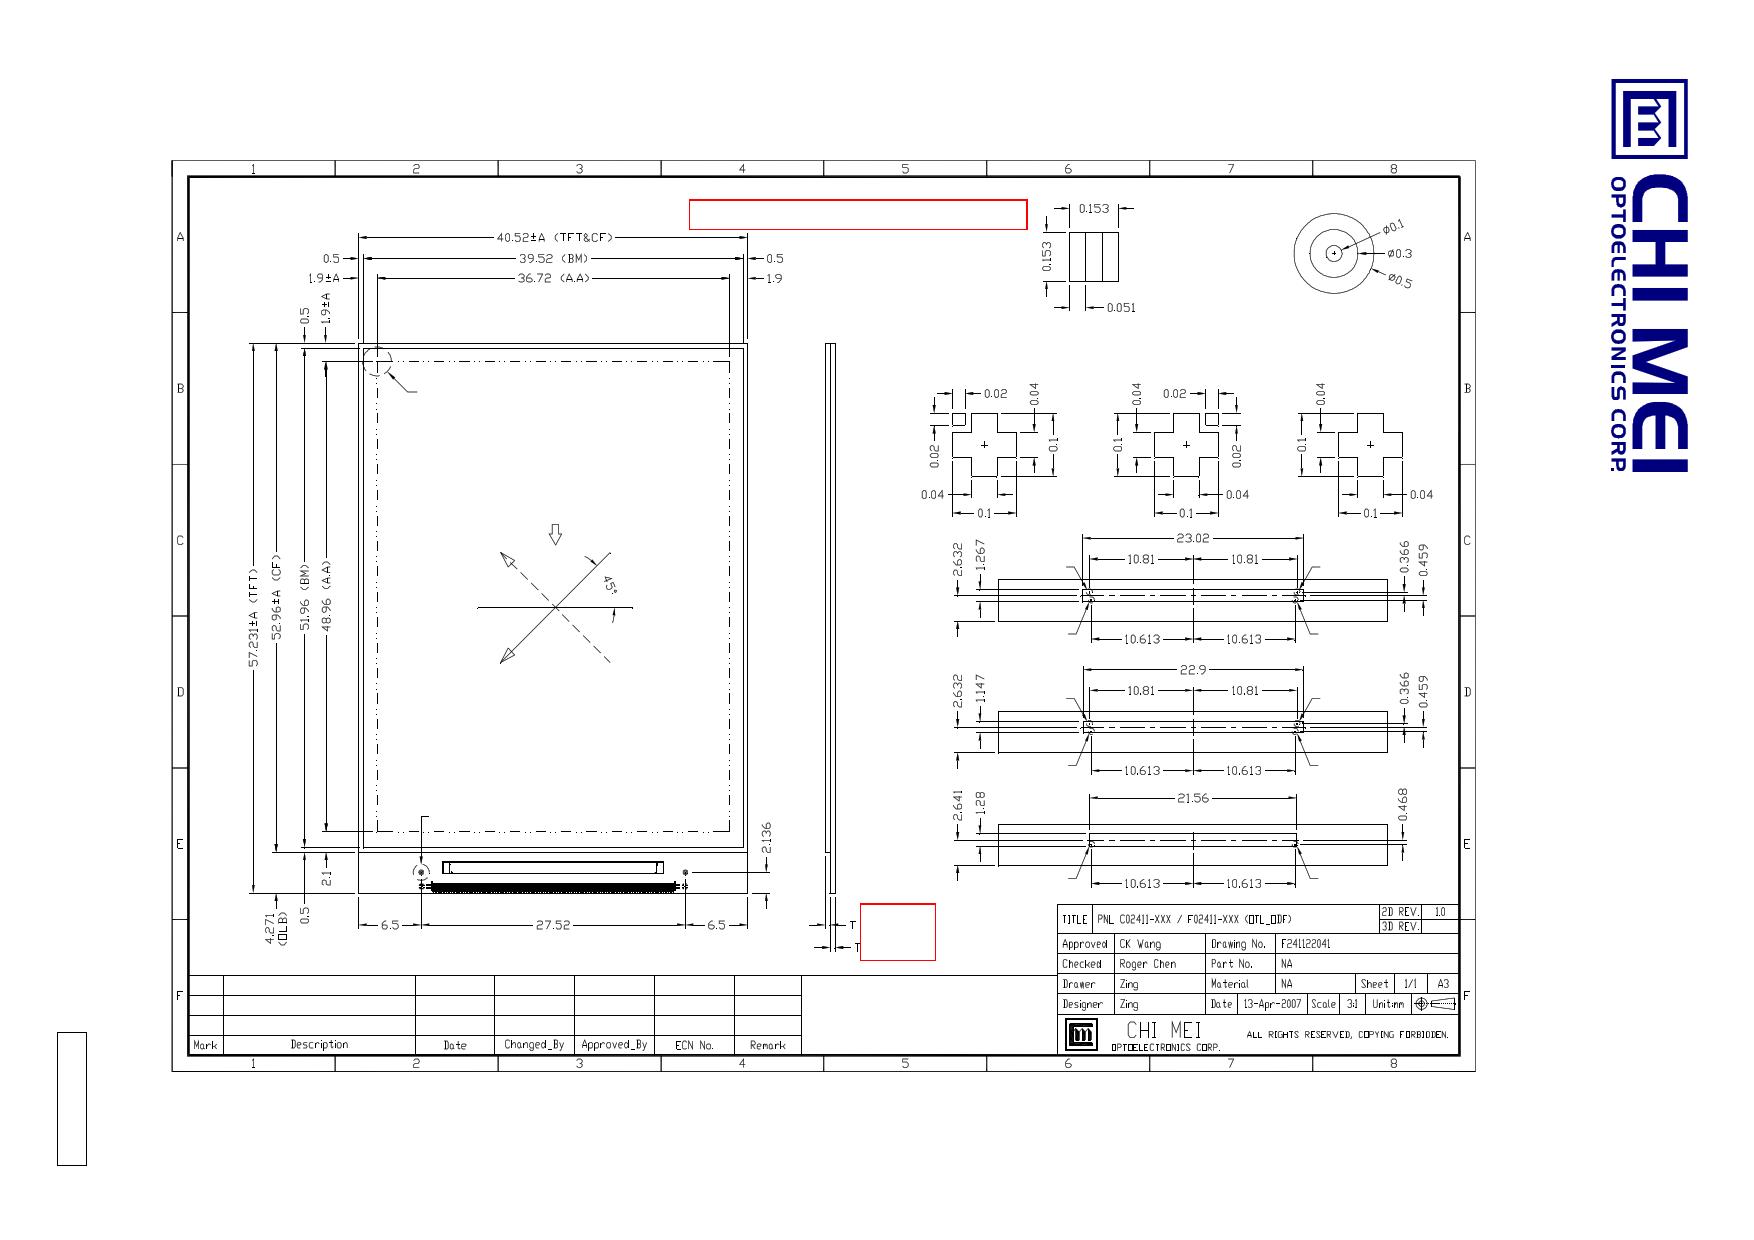 F02411-02U pdf